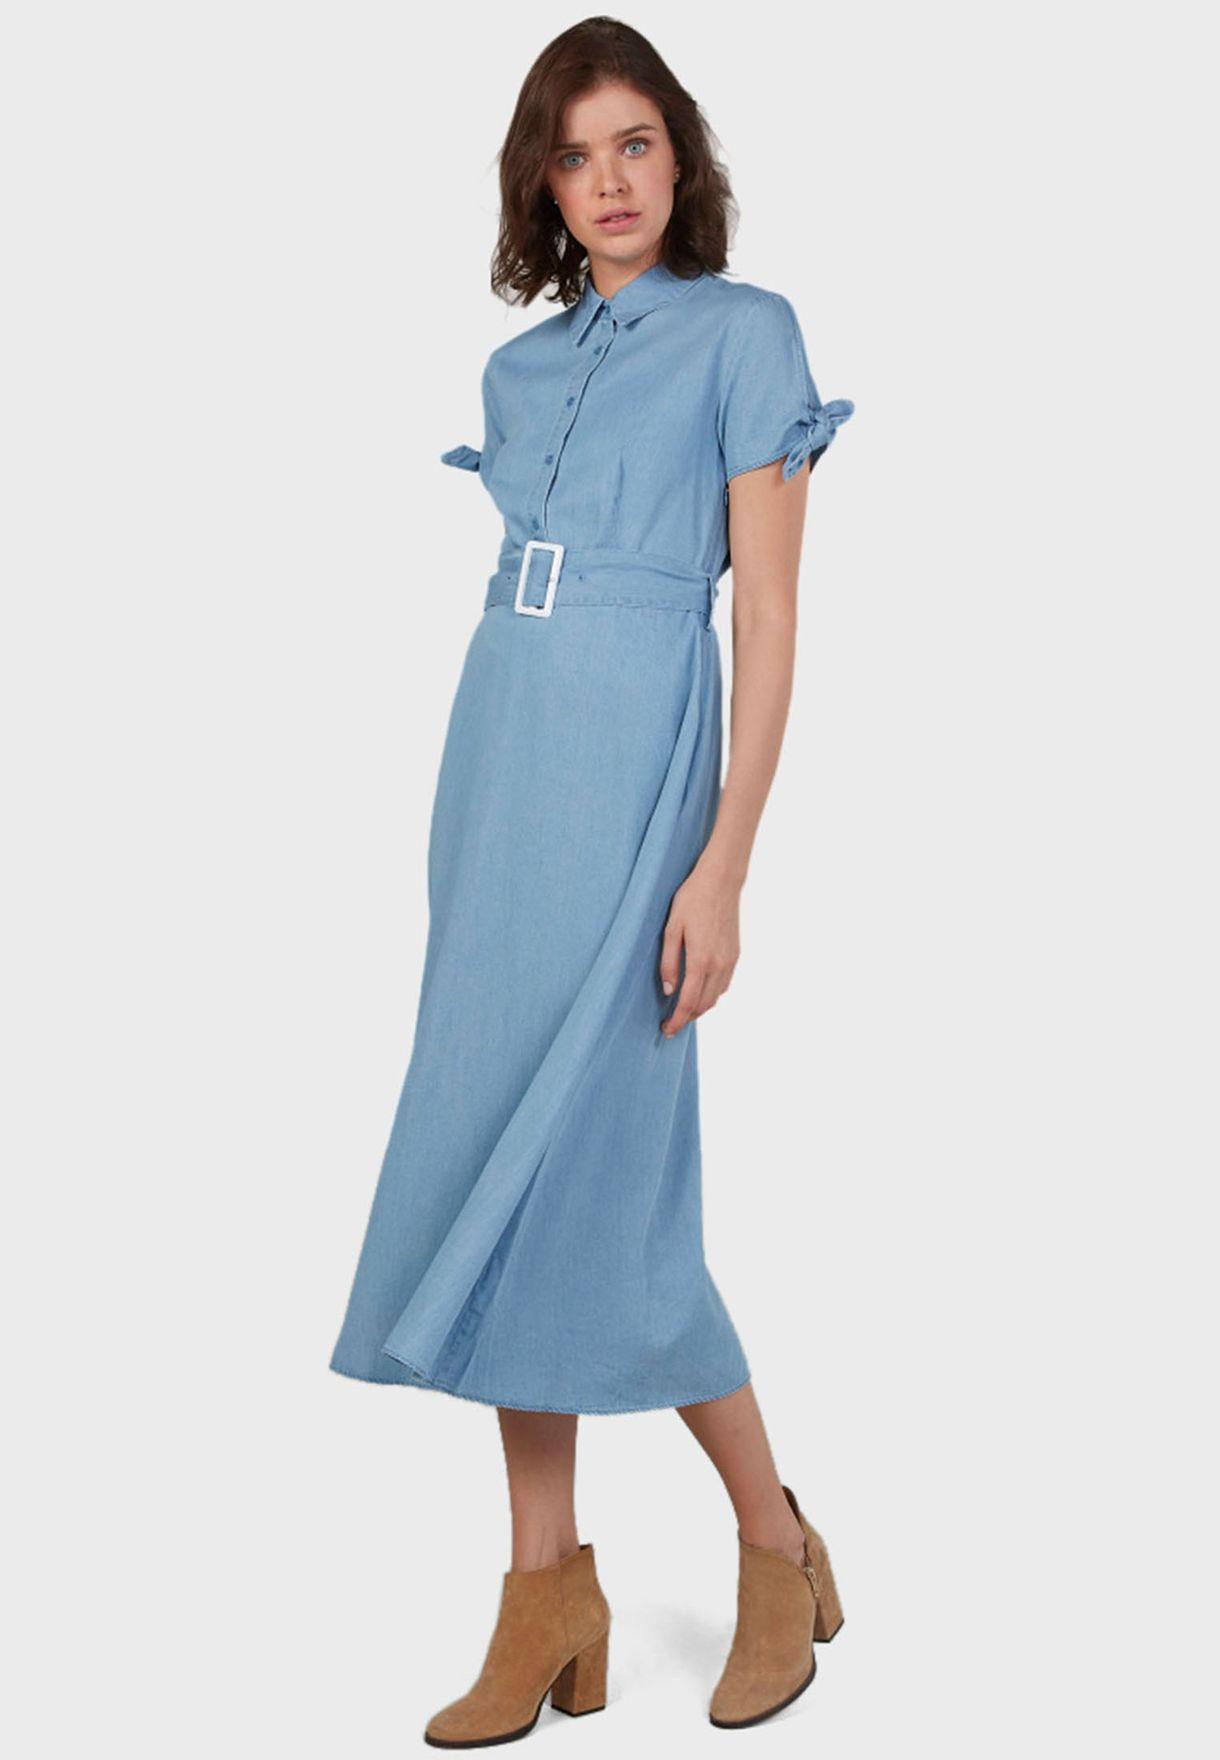 Belted Placket Shirt Dress